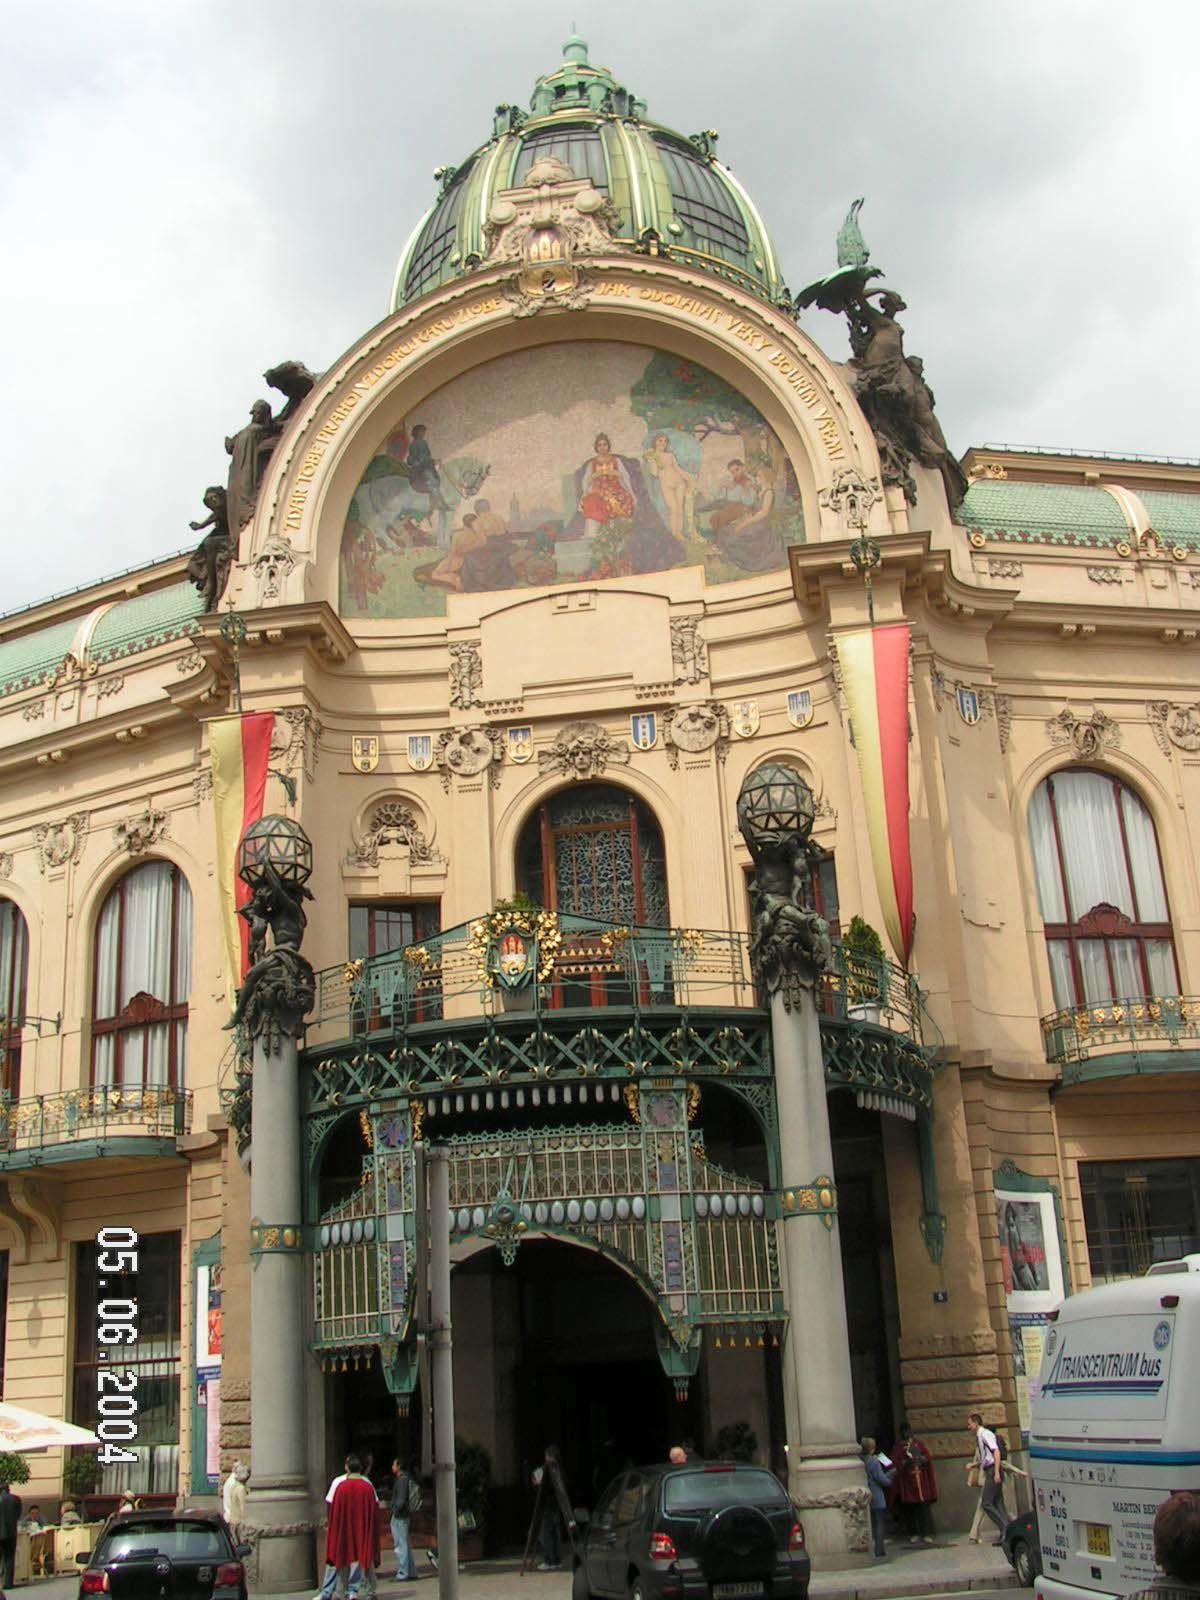 Album - Chantereine, le comité d'établissement de la Glacerie de Chantereine, ses vacances (8), Prague, la Bohême